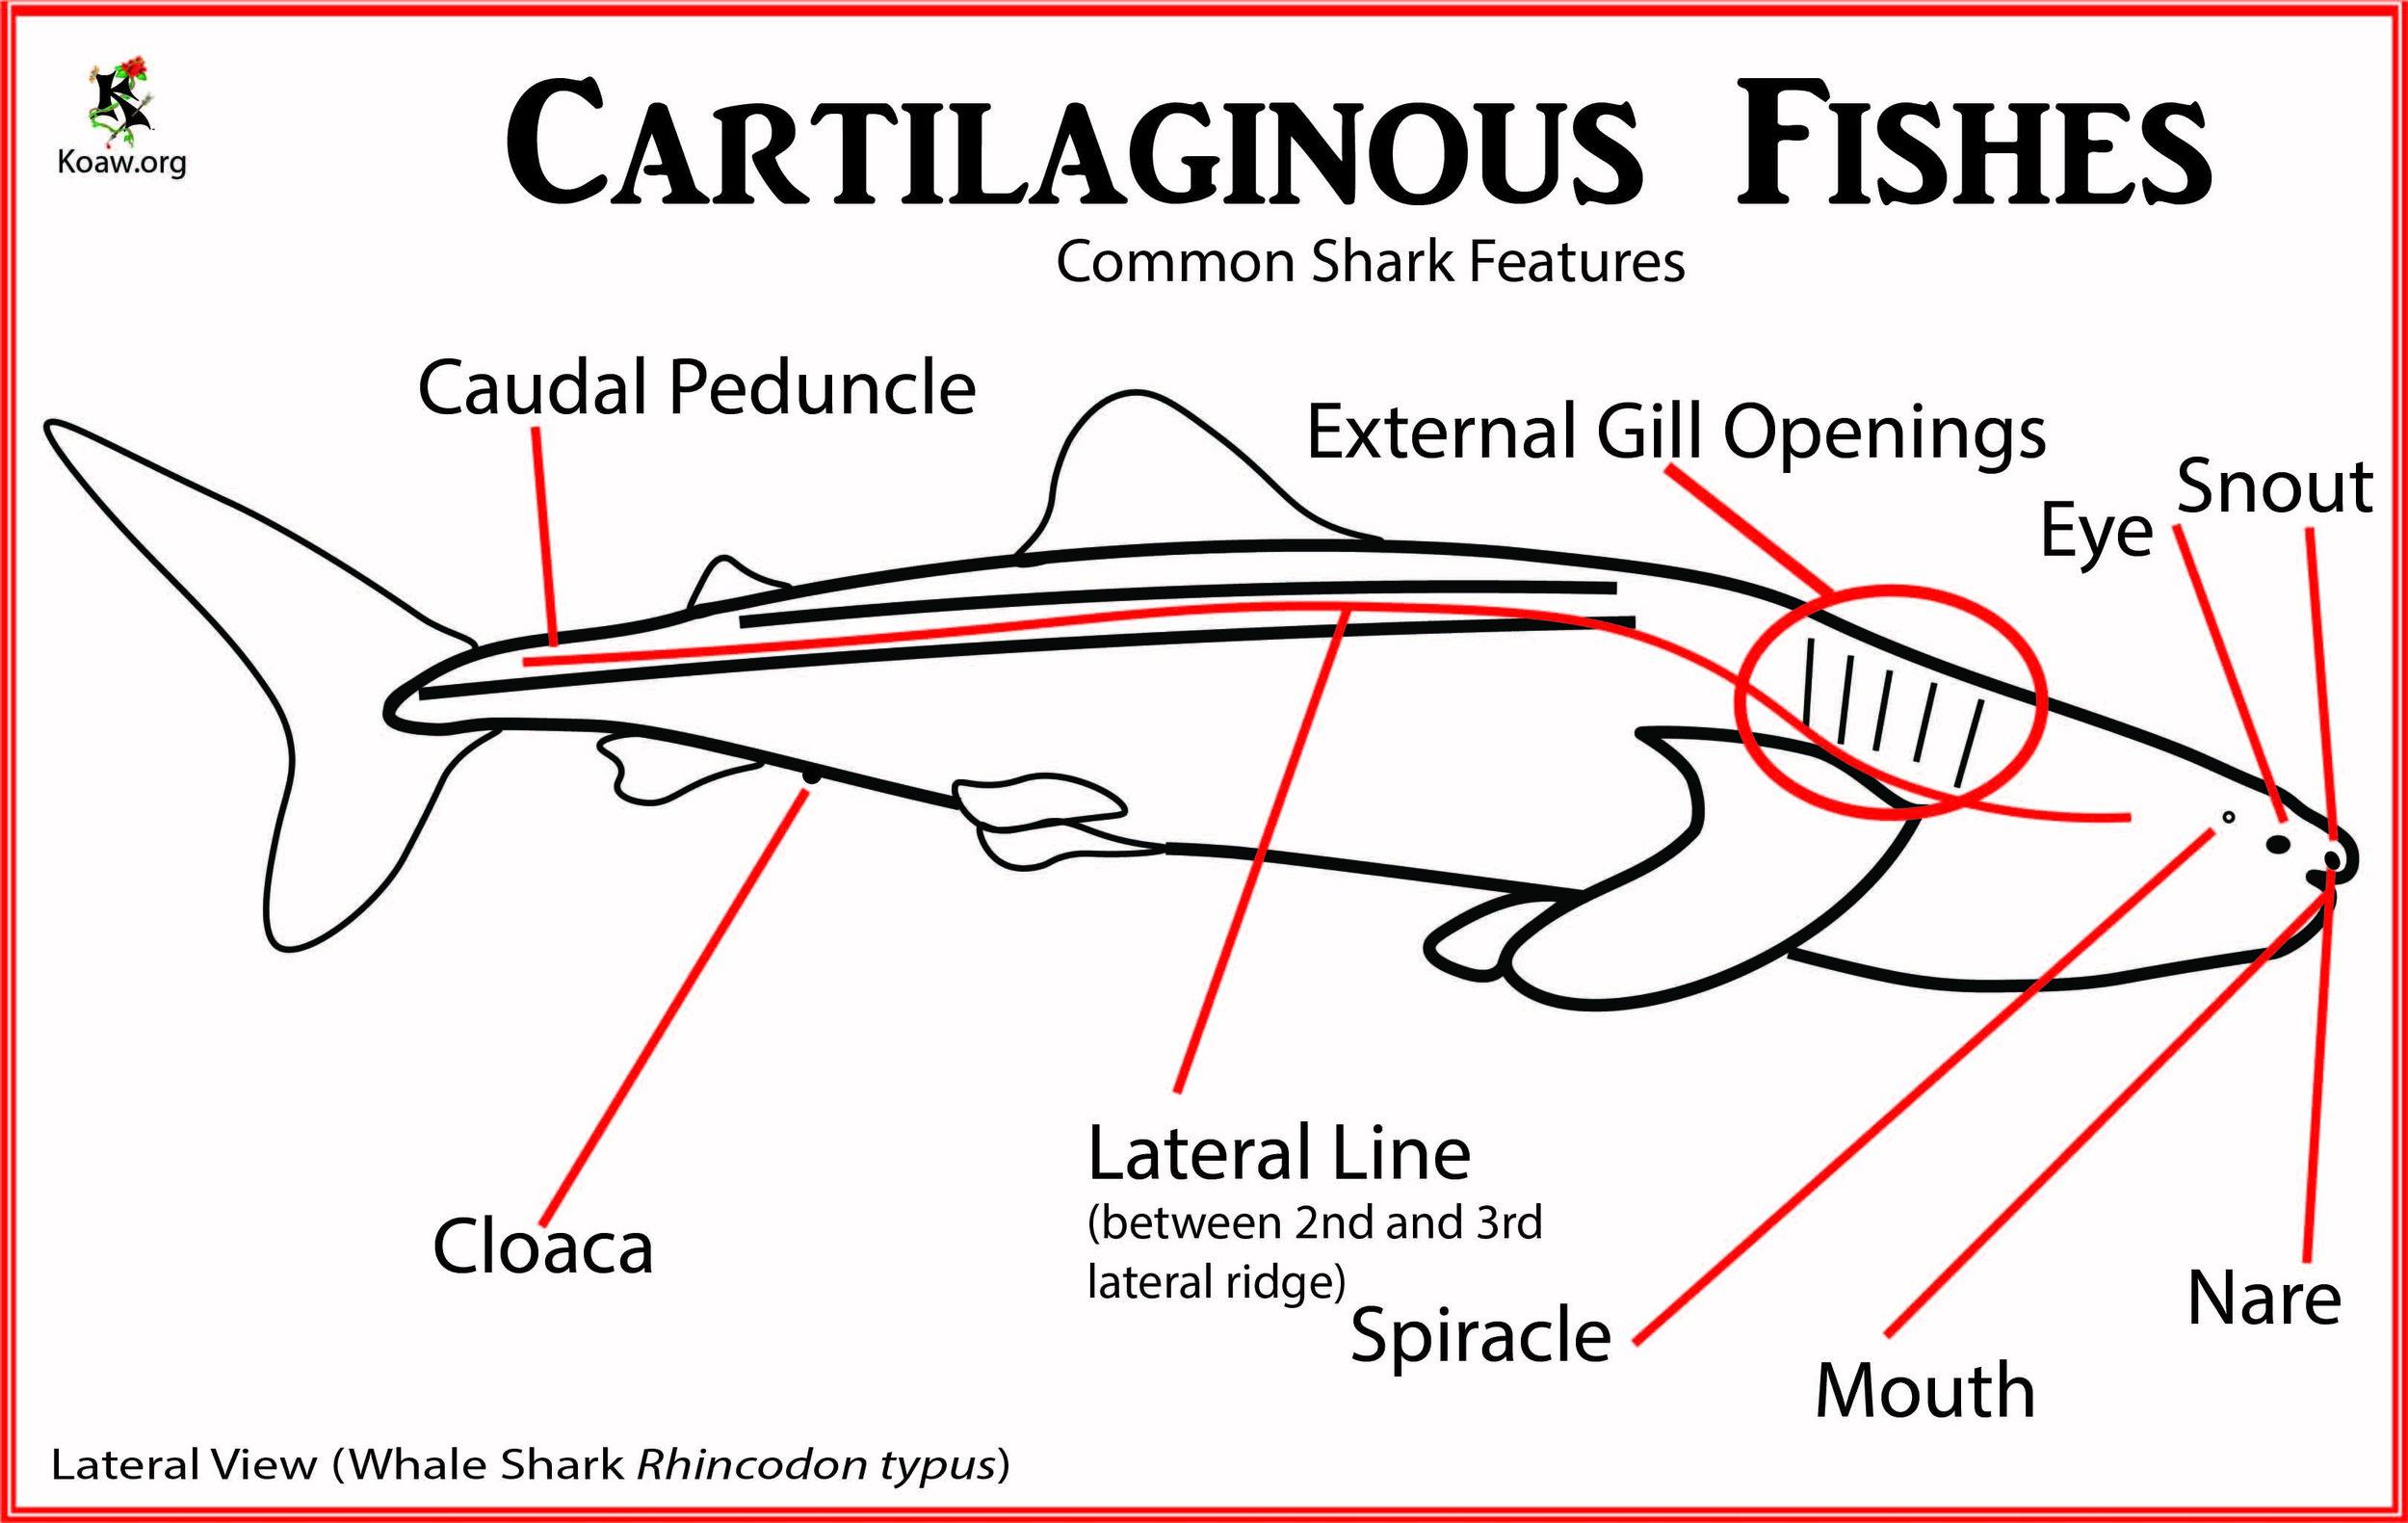 Cartilaginous Fishes - Shark Basics - Illustration by Koaw